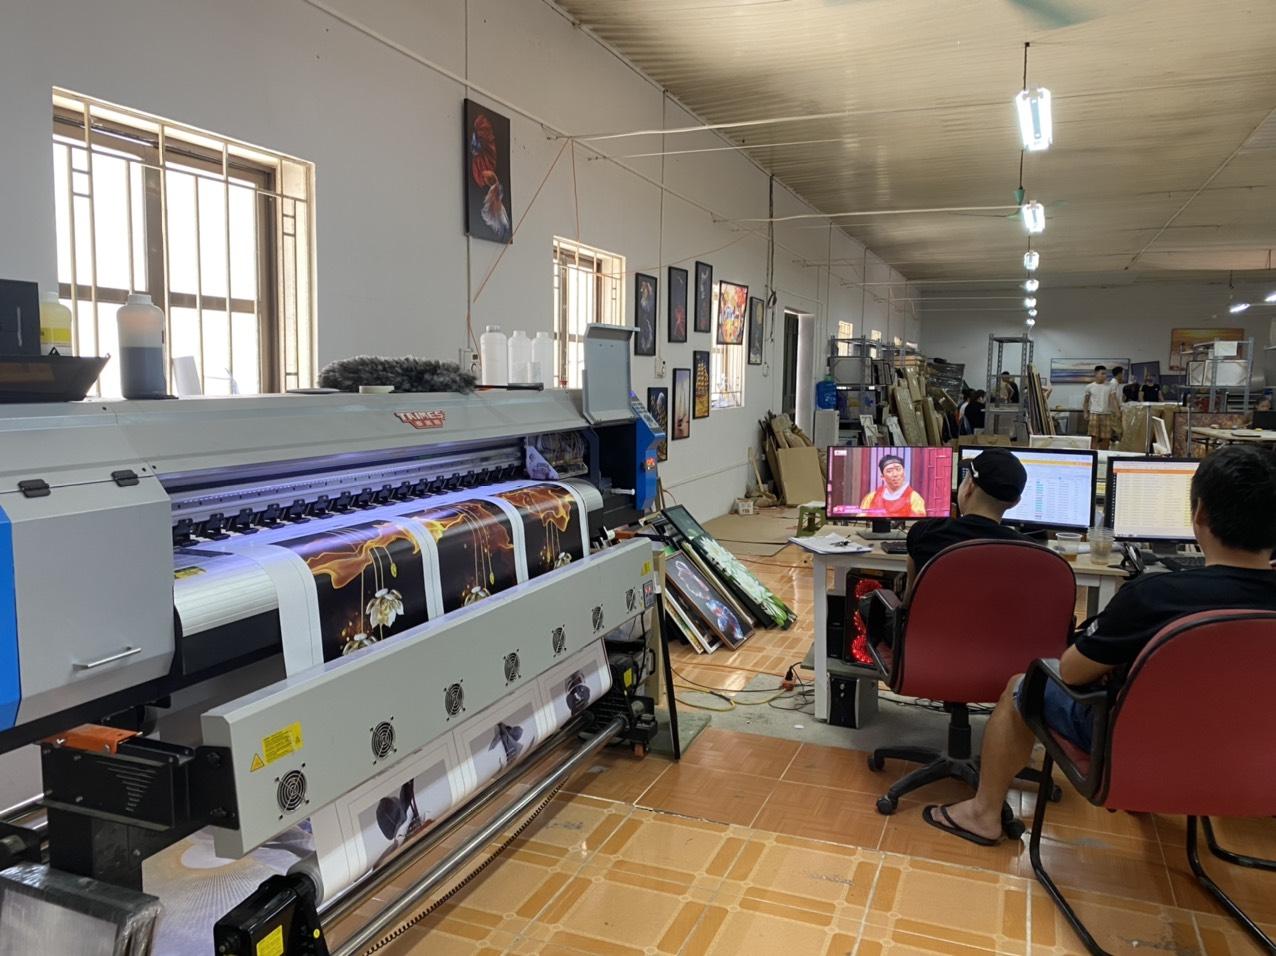 Lắp đặt máy Taimes T1601 cho xưởng in tranh canvas Aloha tại Lê Văn Thiêm - Thanh Xuân - Hà Nội